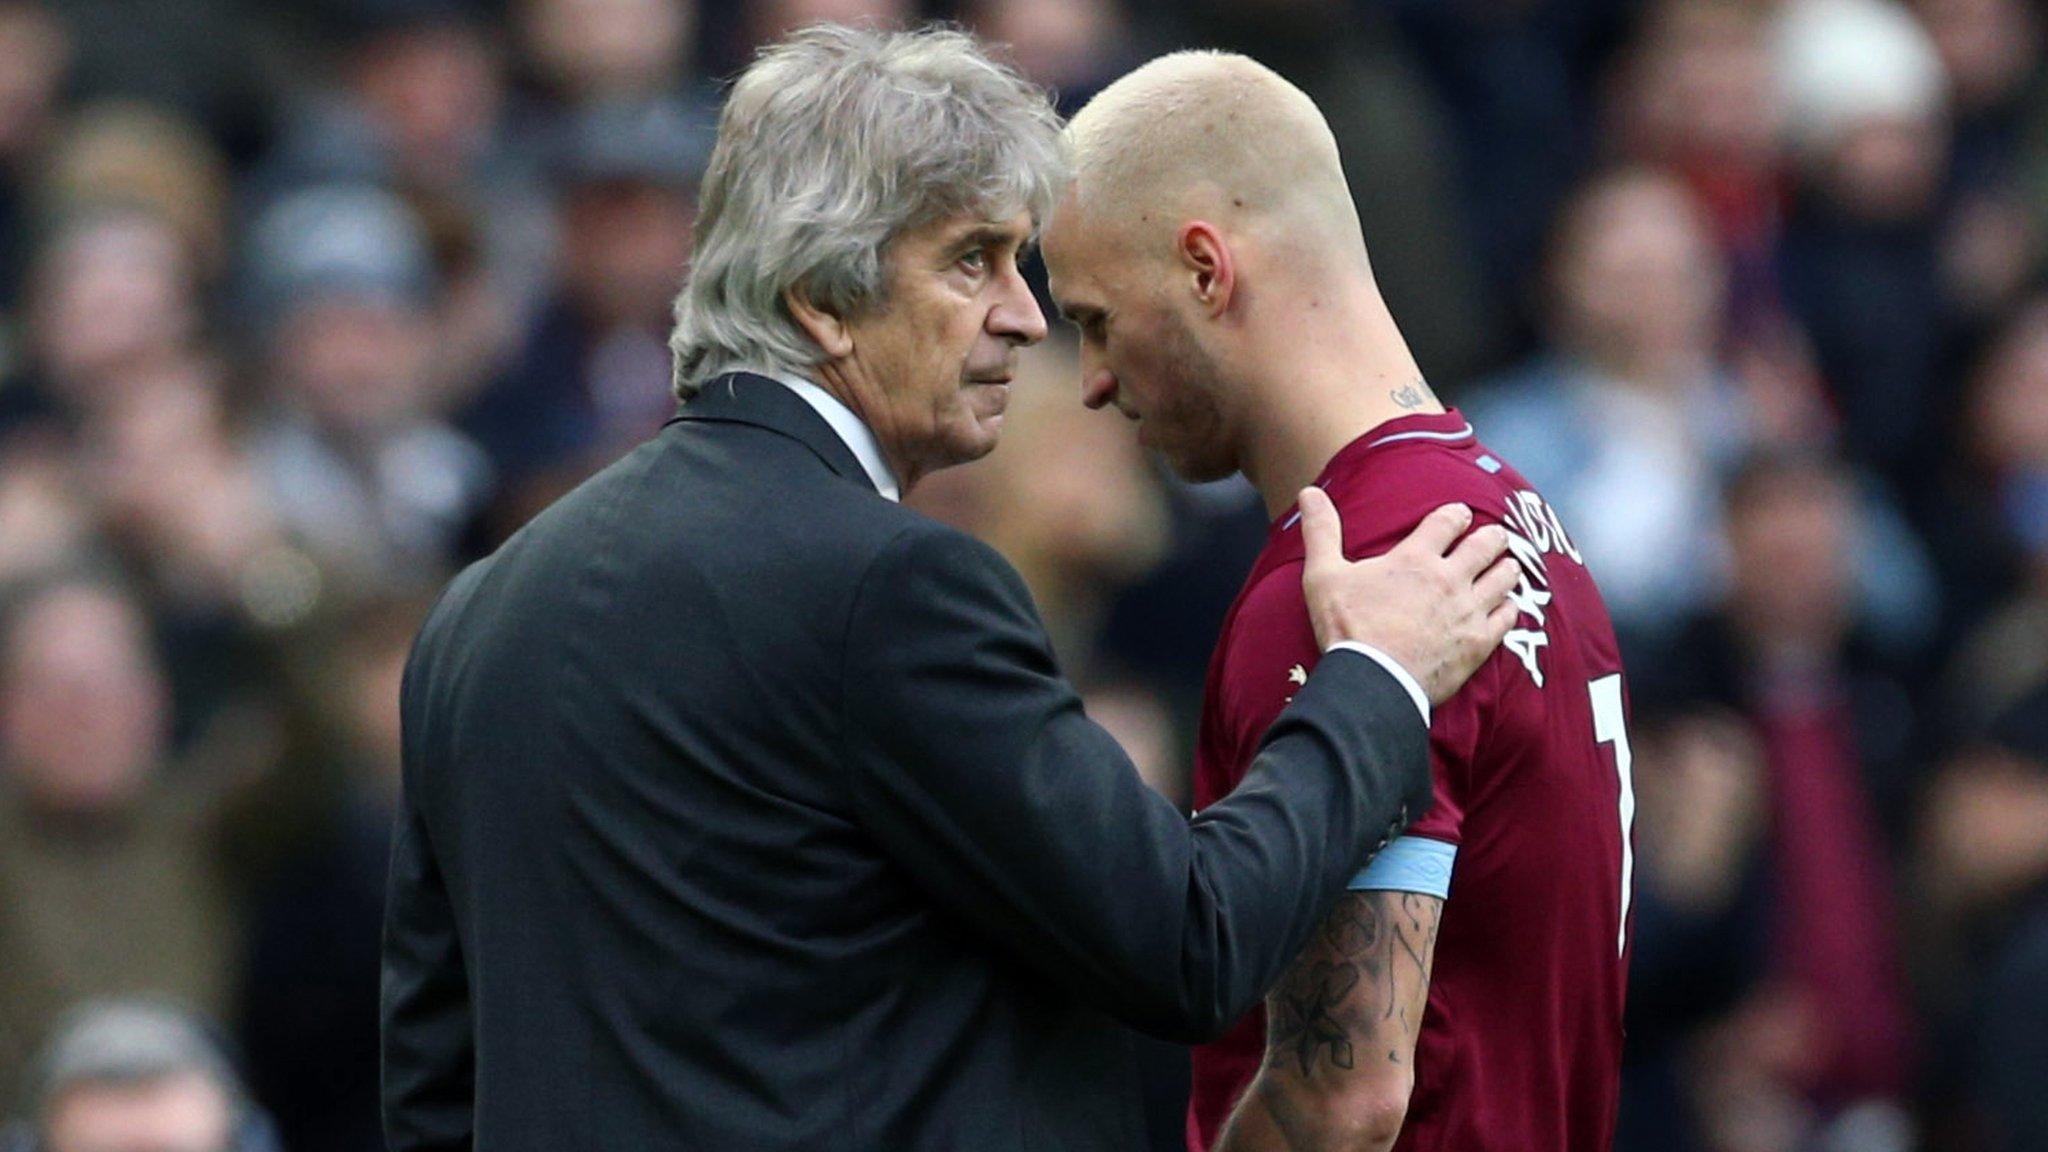 West Ham: Manager Manuel Pellegrini explains Marko Arnautovic absence